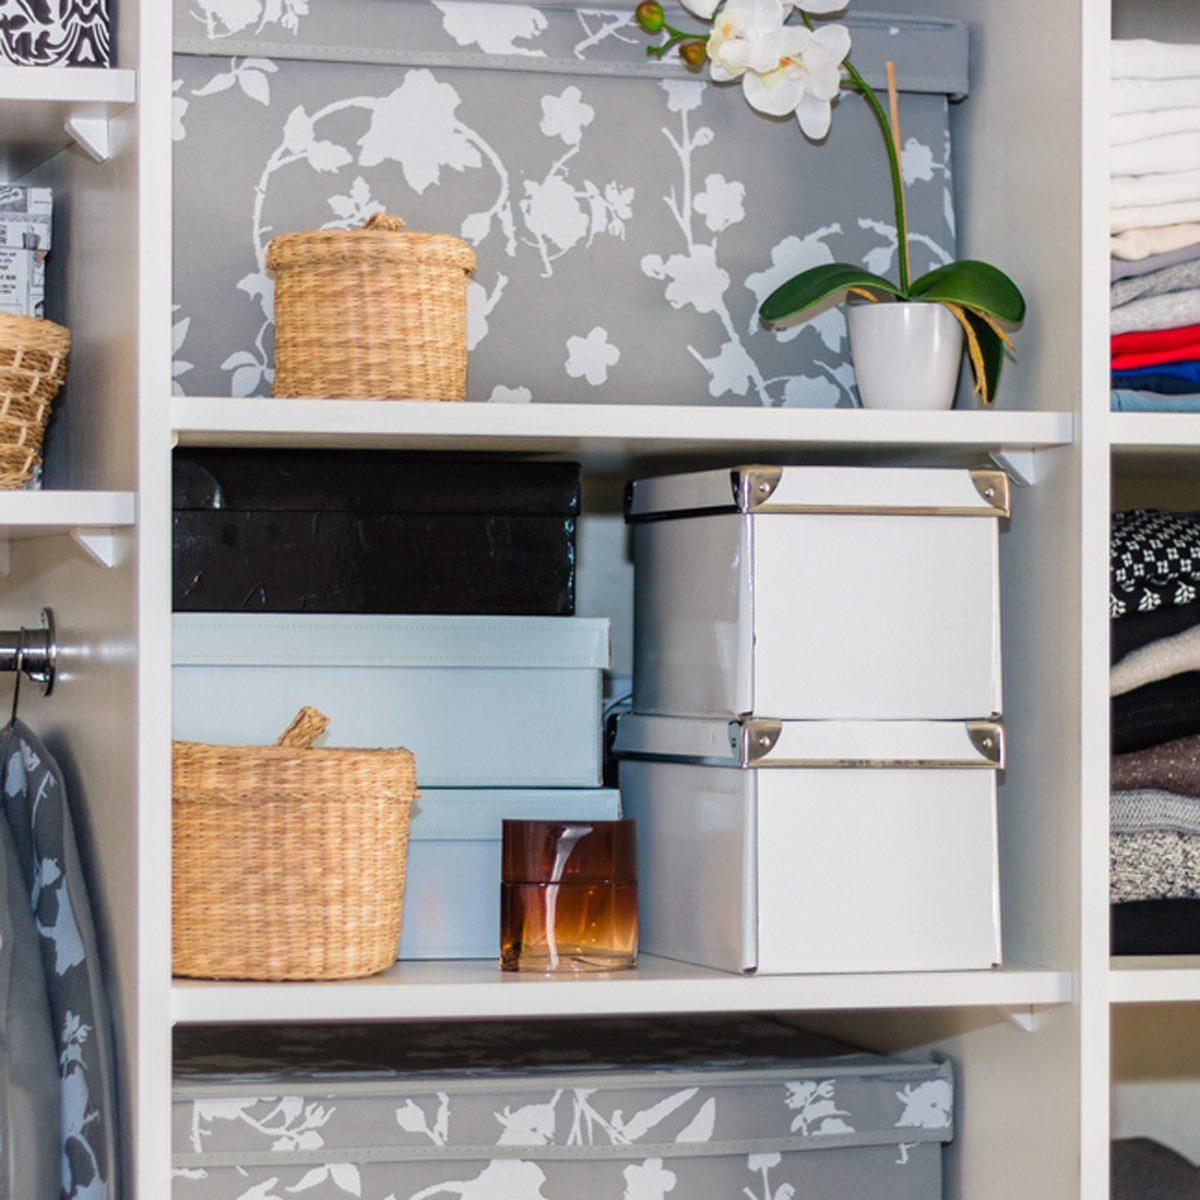 shutterstock_686348935 organized closet